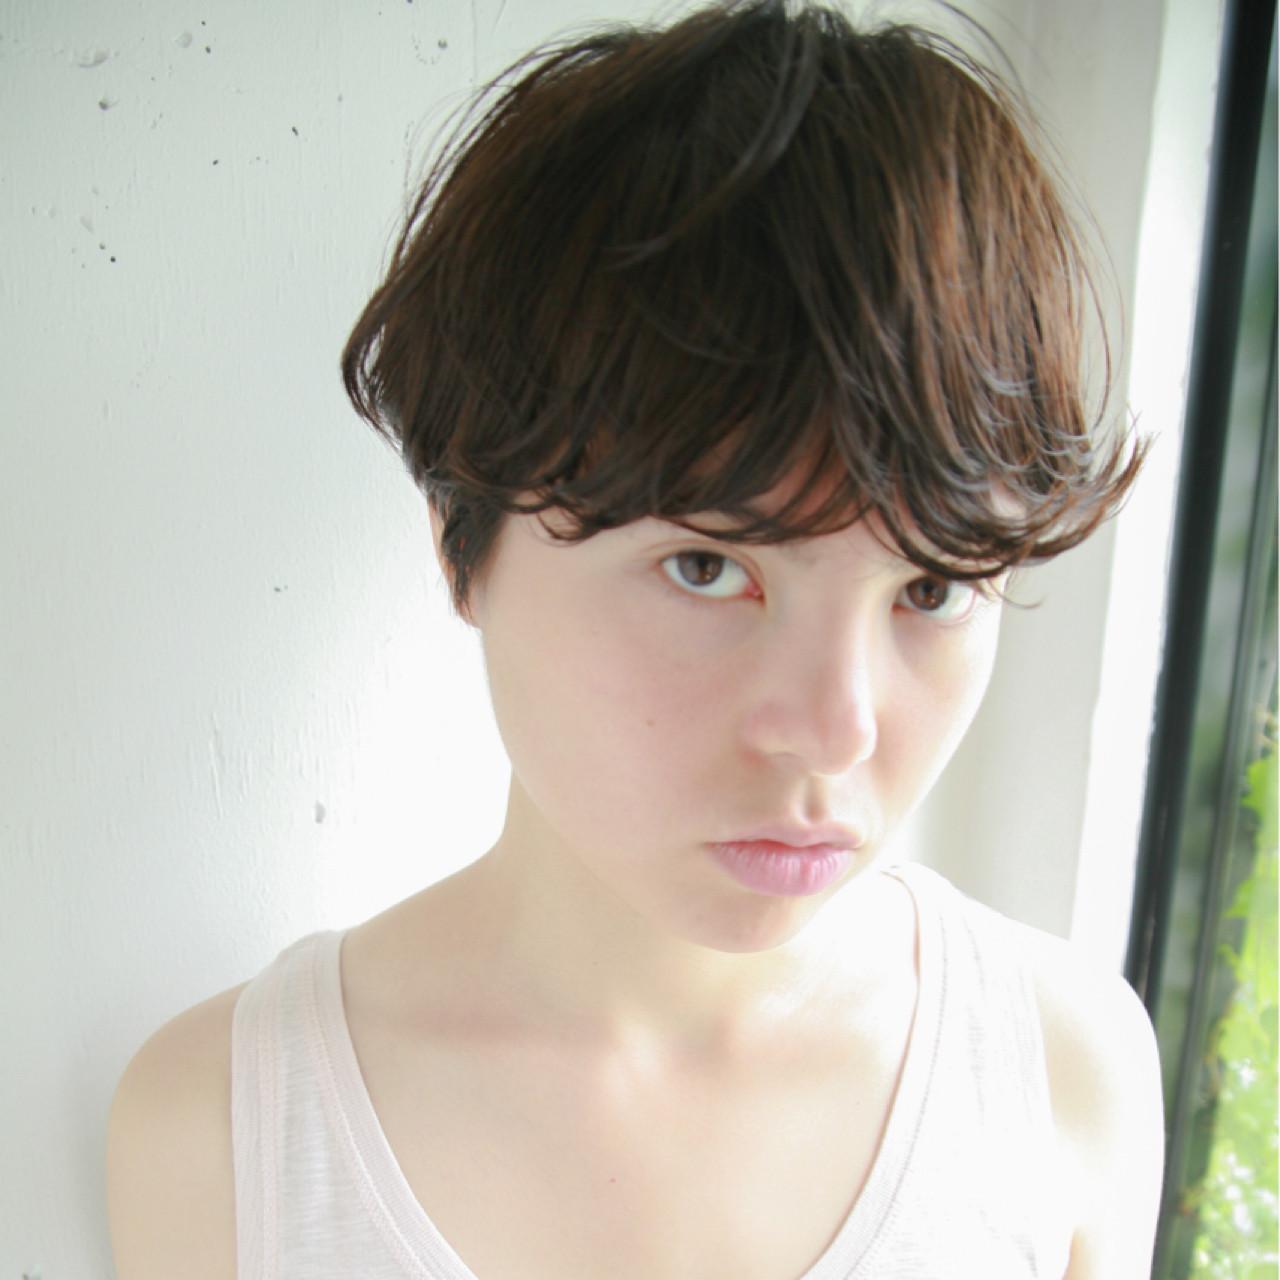 黒髪 パーマ ストリート アッシュ ヘアスタイルや髪型の写真・画像 | 小西敬二郎 / Heartim